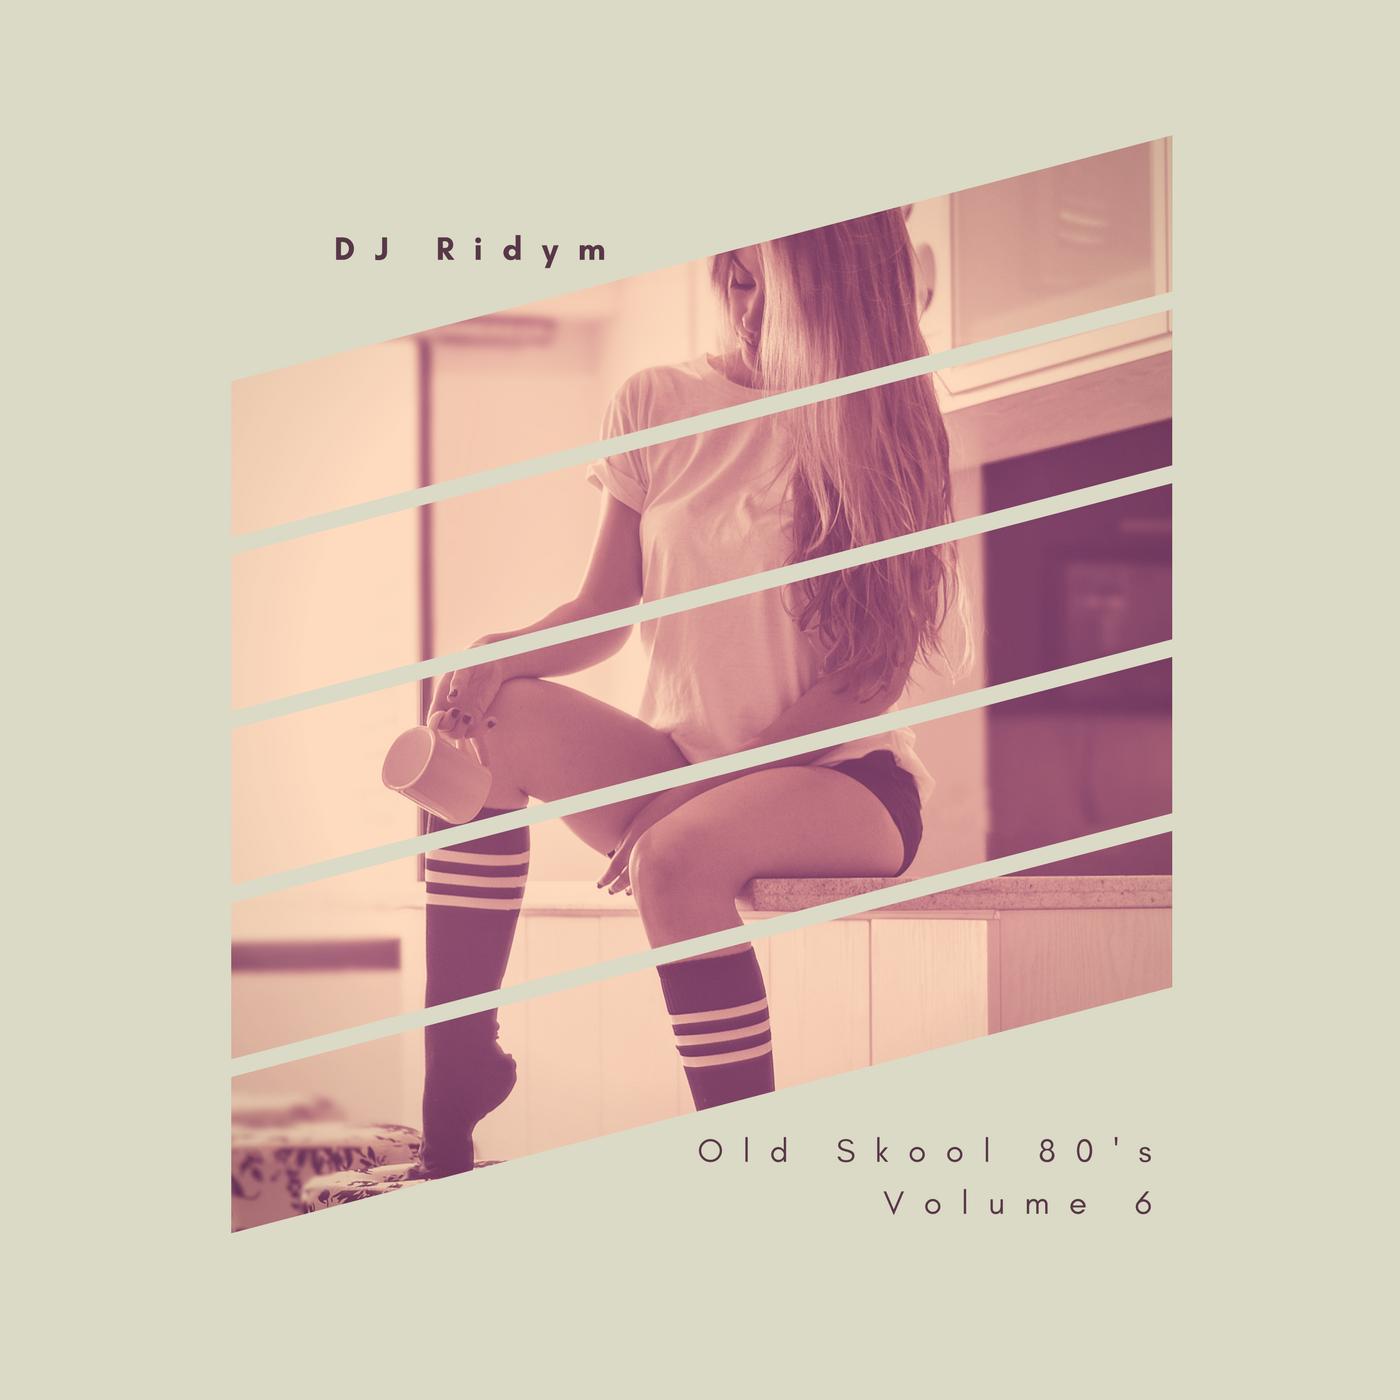 DJ Ridym - Old Skool 80's Mixtape | Der Soundtrack für das Wochenende